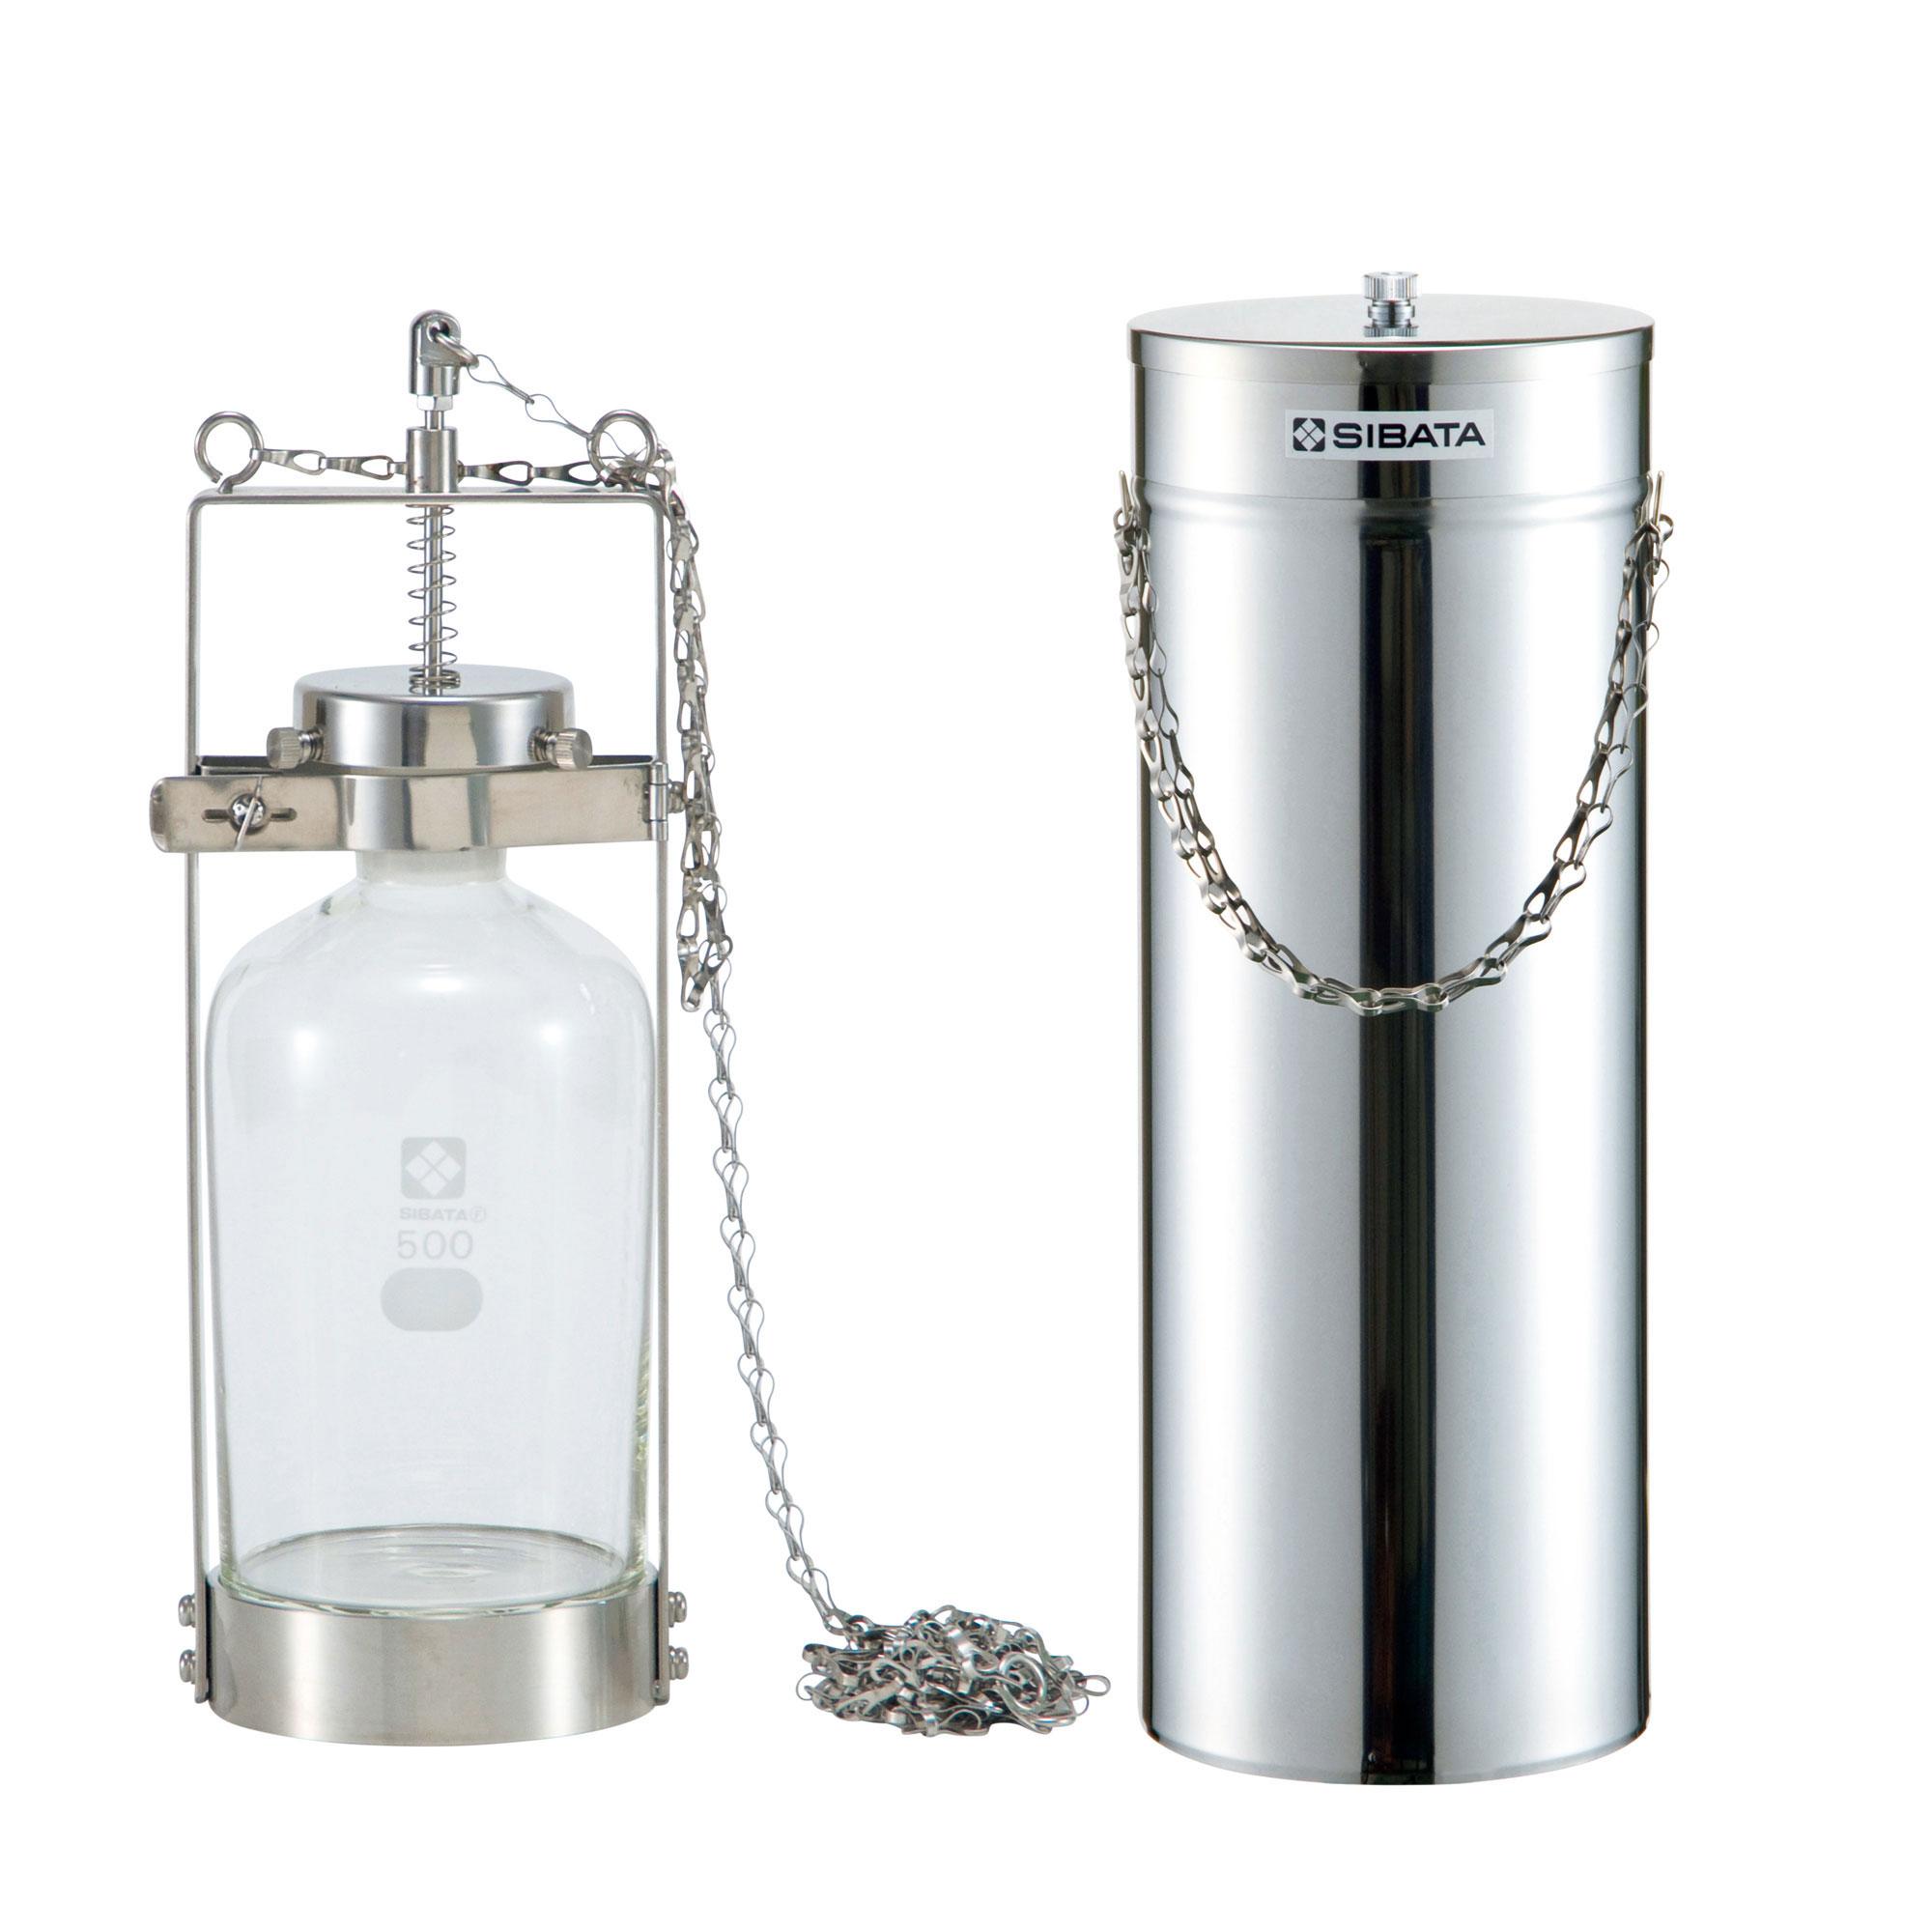 ハイロート採水器セット(金具、ステンレス容器付)